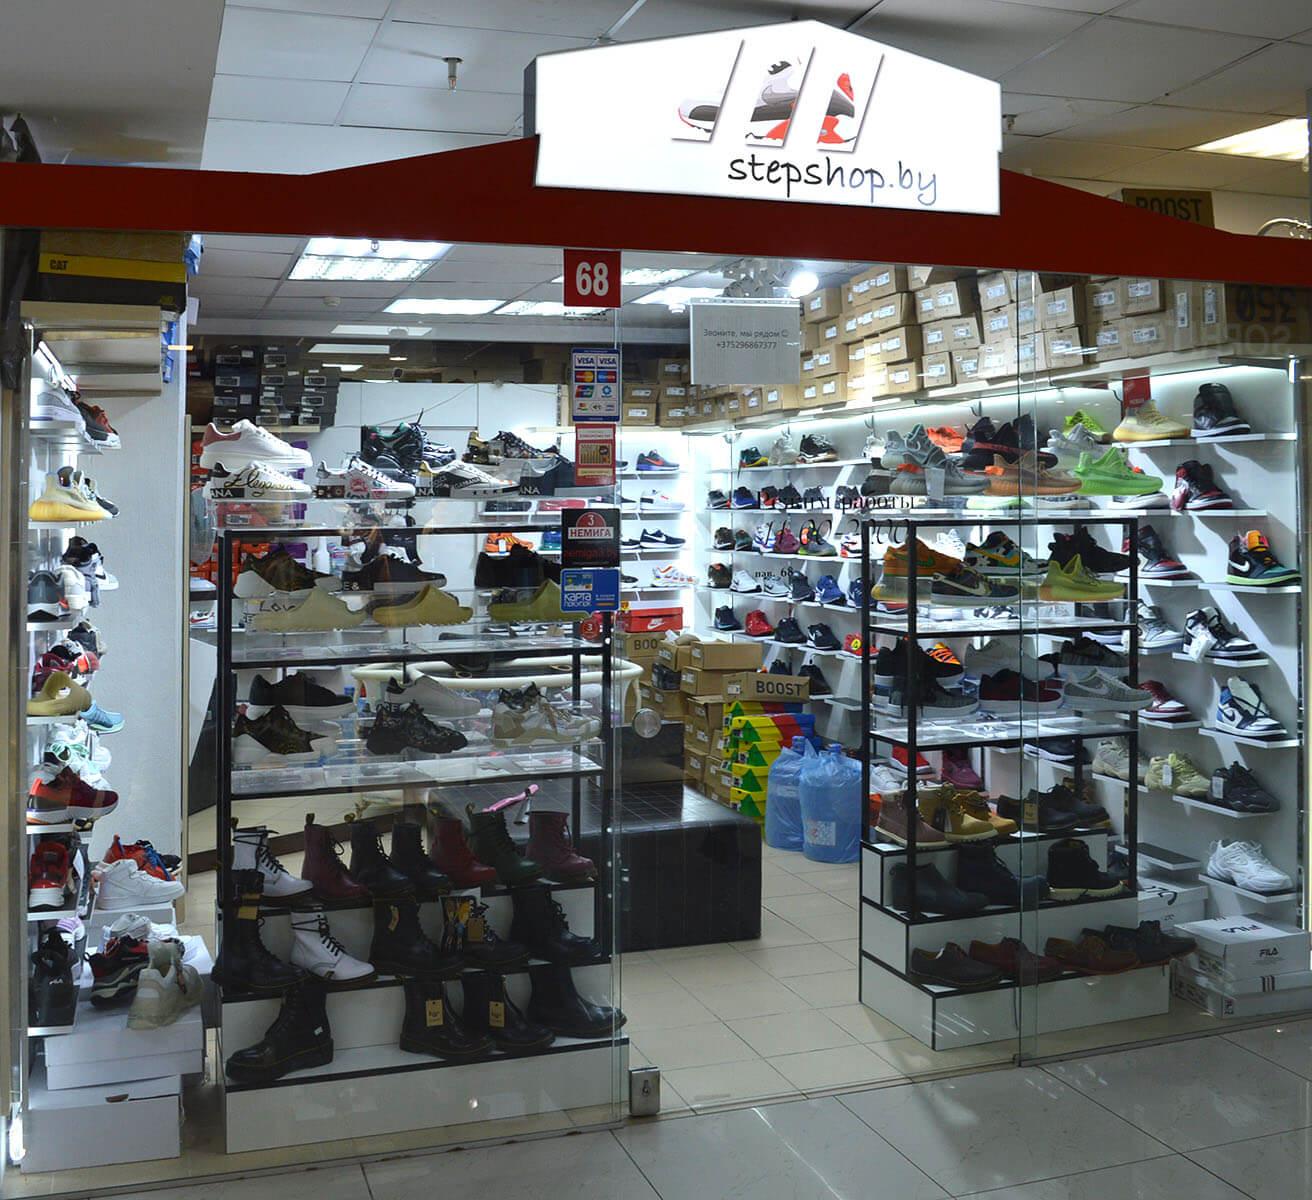 «StepSHOP» - магазин спортивной обуви на 1 этаже в павильоне №68 в Торговом Центре «Немига 3»